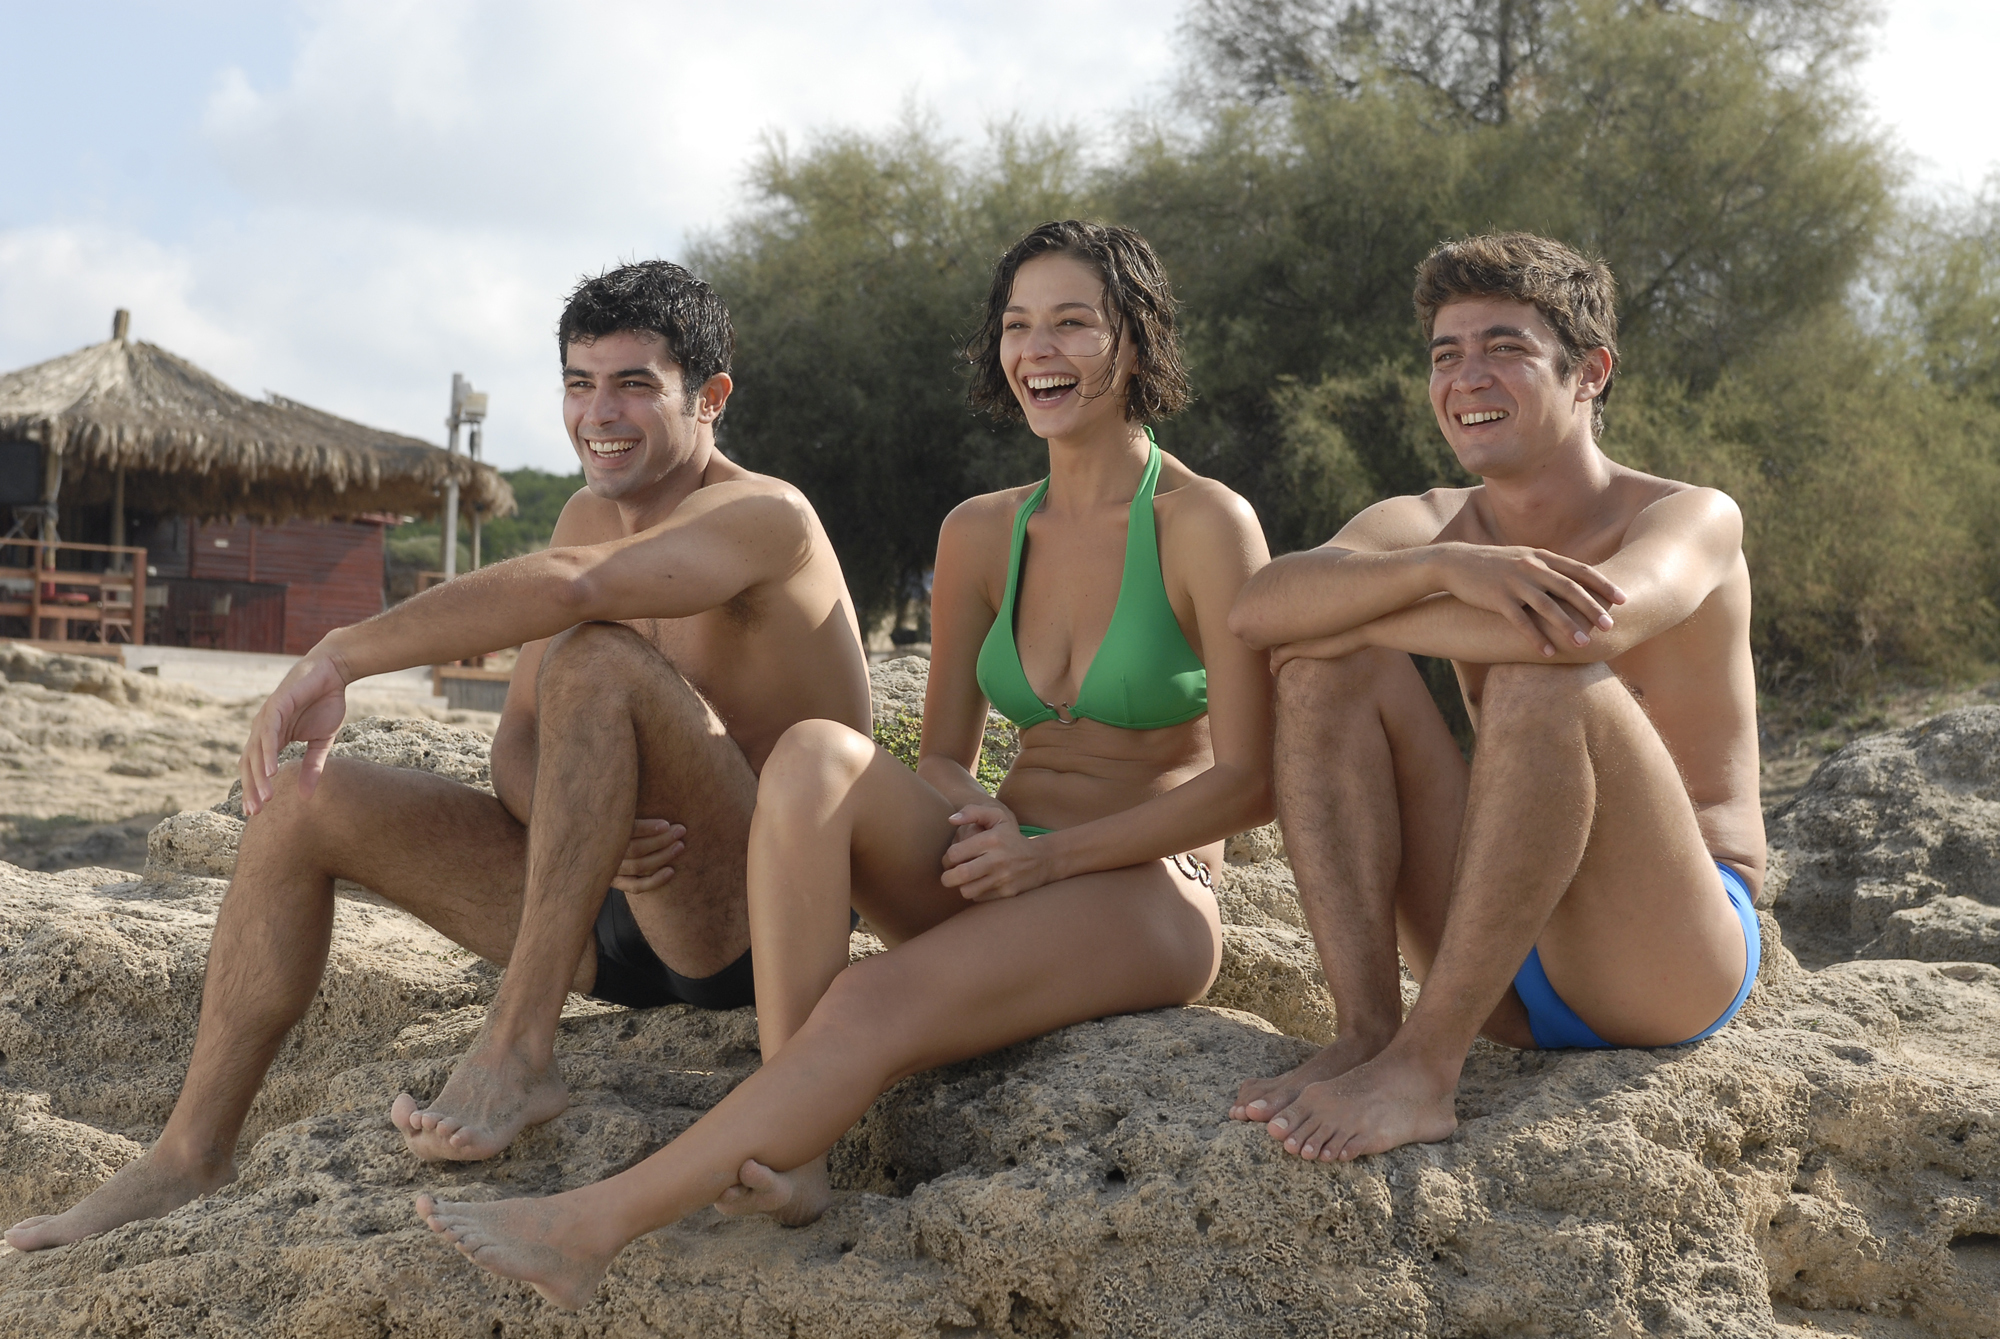 Nicole Grimaudo, Carmine Recano, and Riccardo Scamarcio in Mine vaganti (2010)